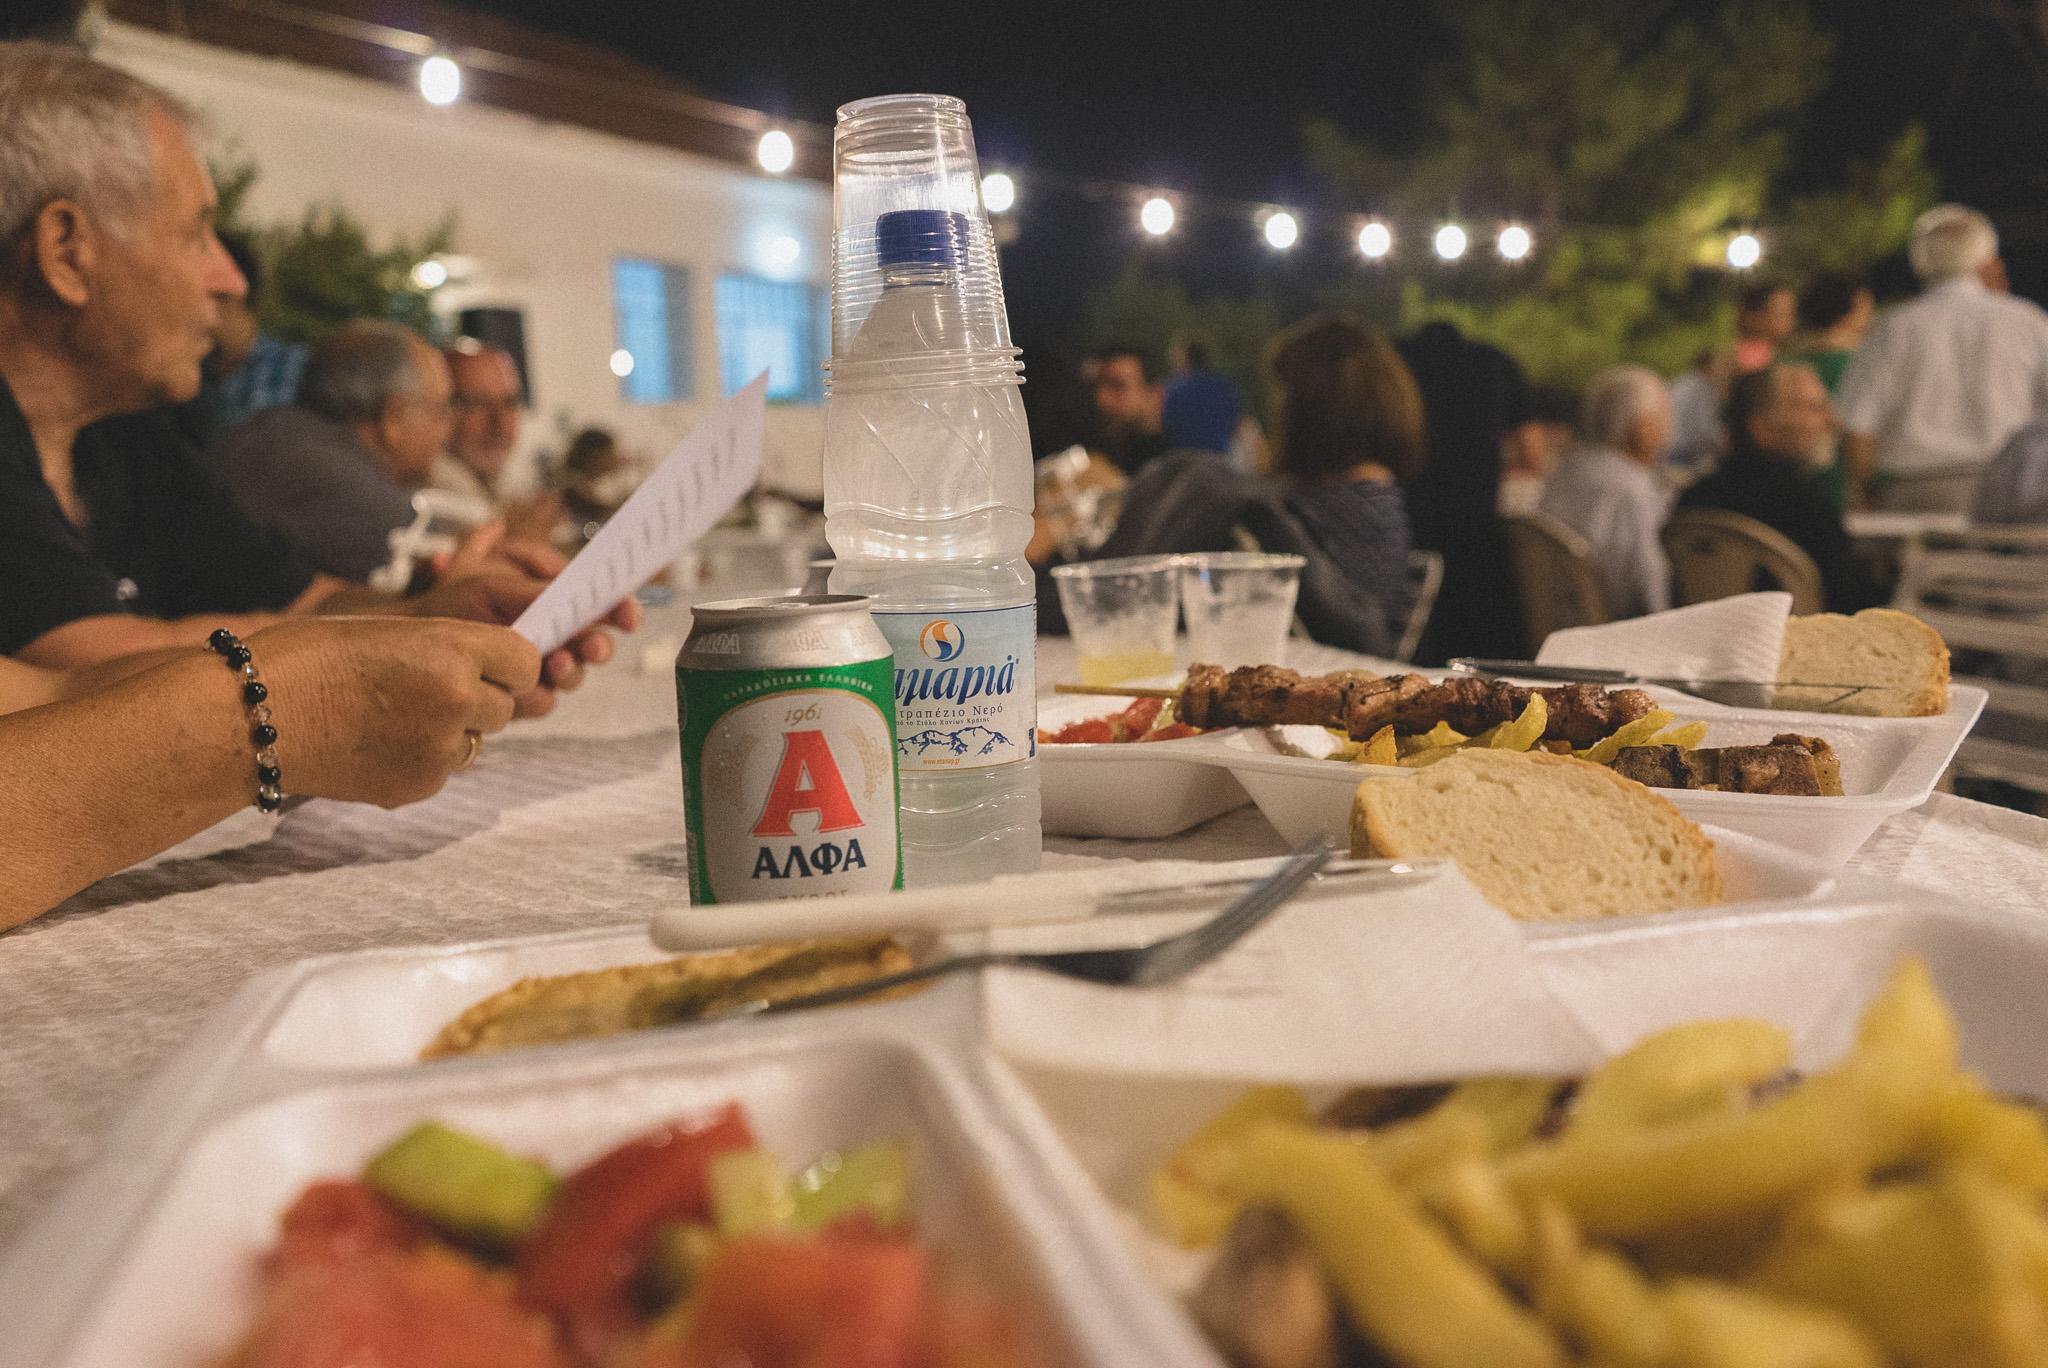 Food and Greek beer